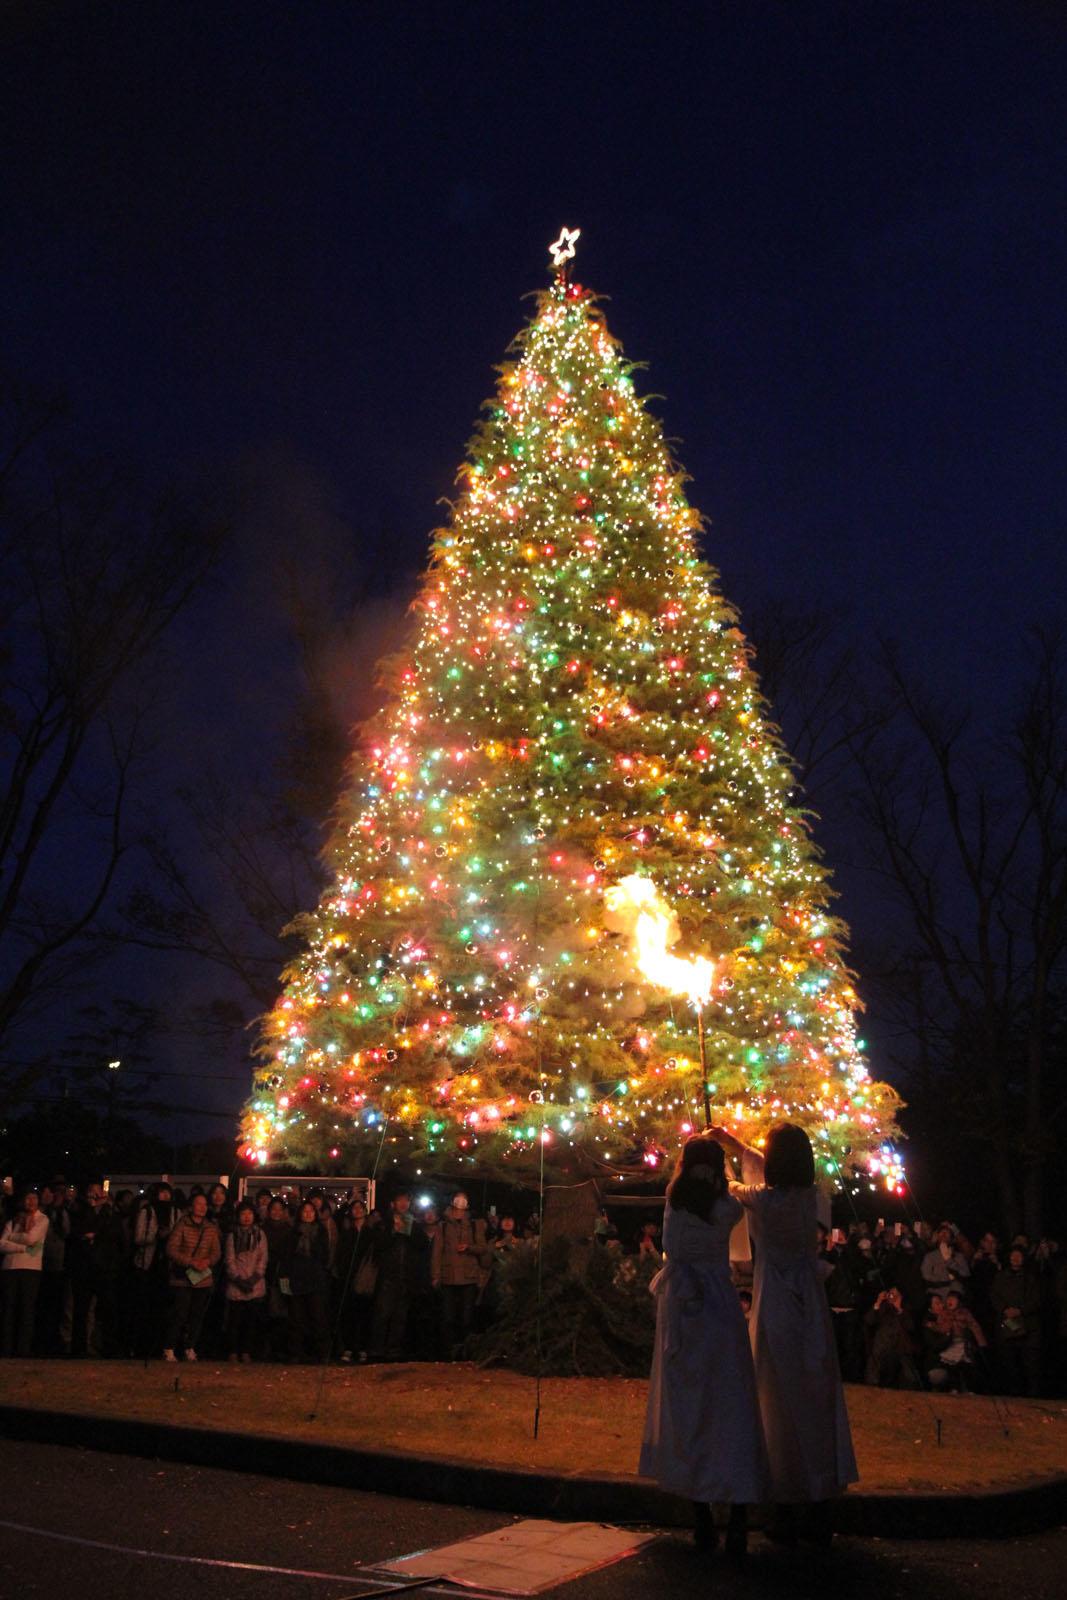 聖学院大学クリスマス点火祭 11月29日に開催 -- 埼玉県唯一のキリスト教系大学に煌くツリーが輝きます --